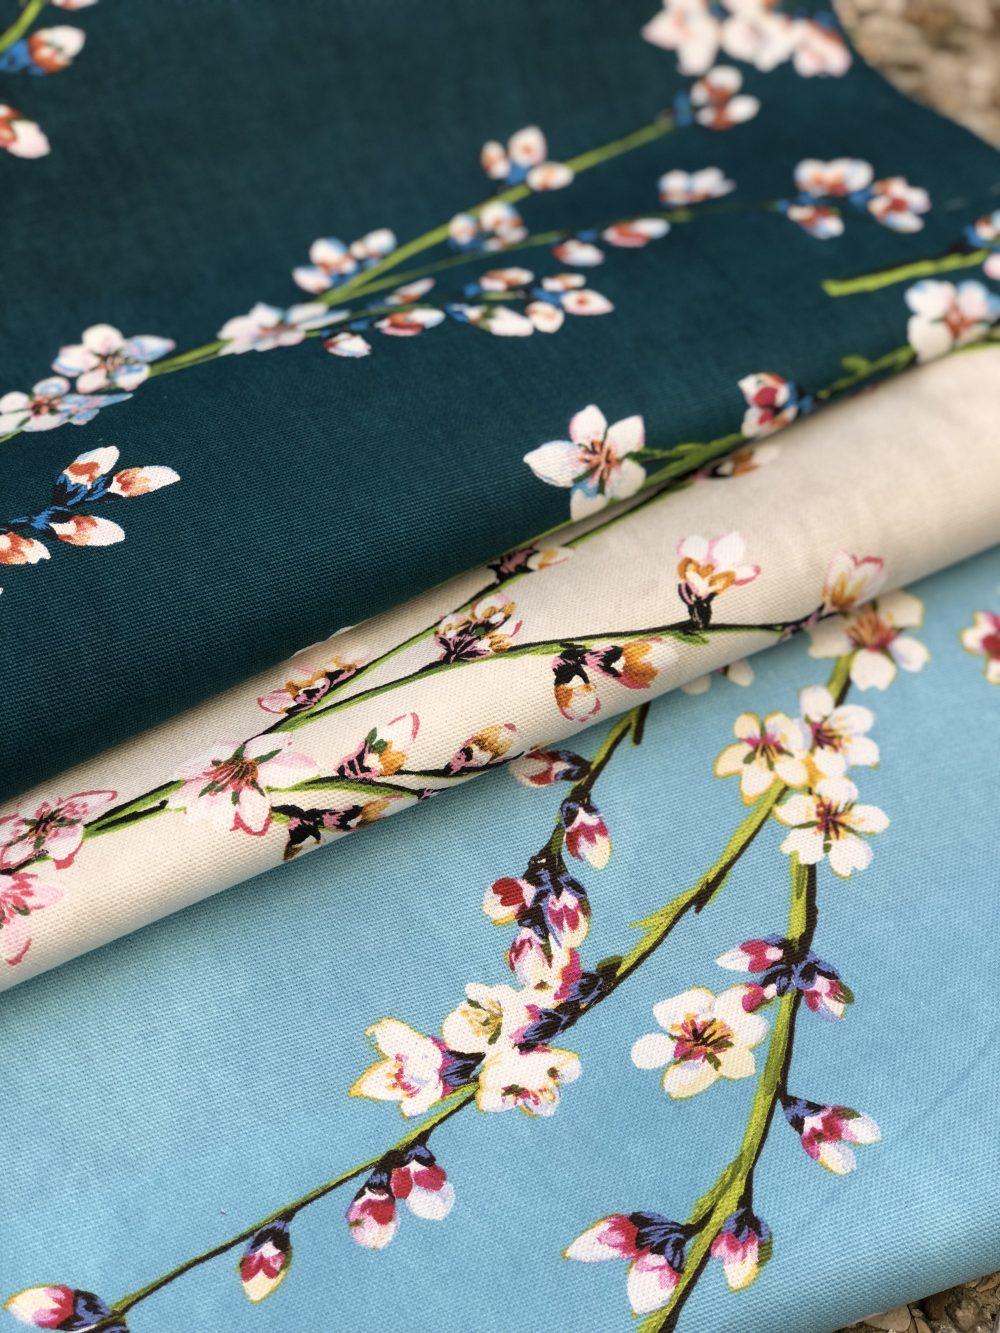 tissu imprimé fleurs d'amandiers